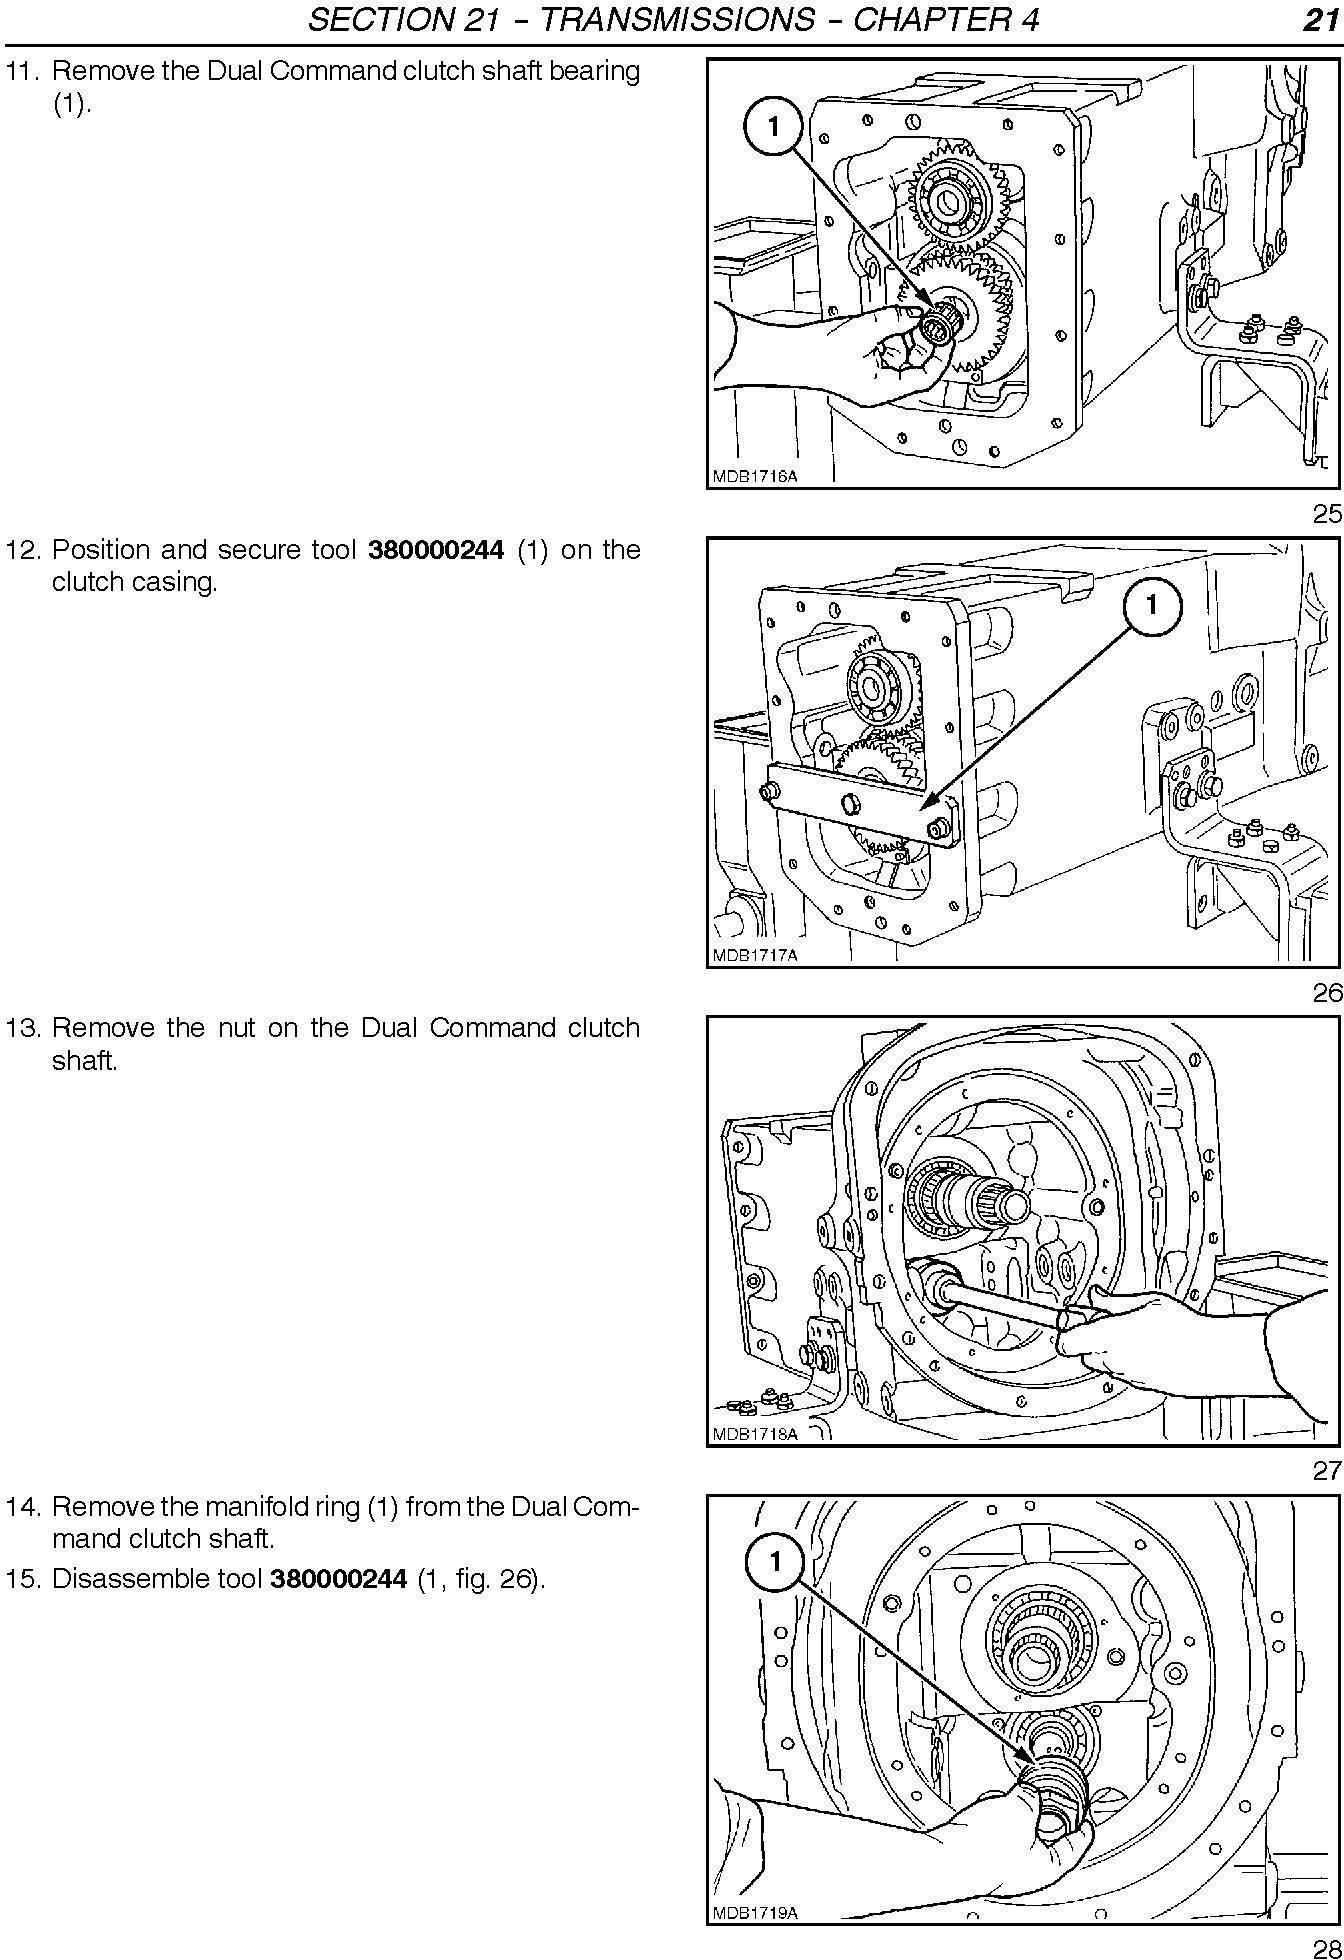 New Holland TL80A, TL90A, TL100A Tractors Complete Service Manual - 2